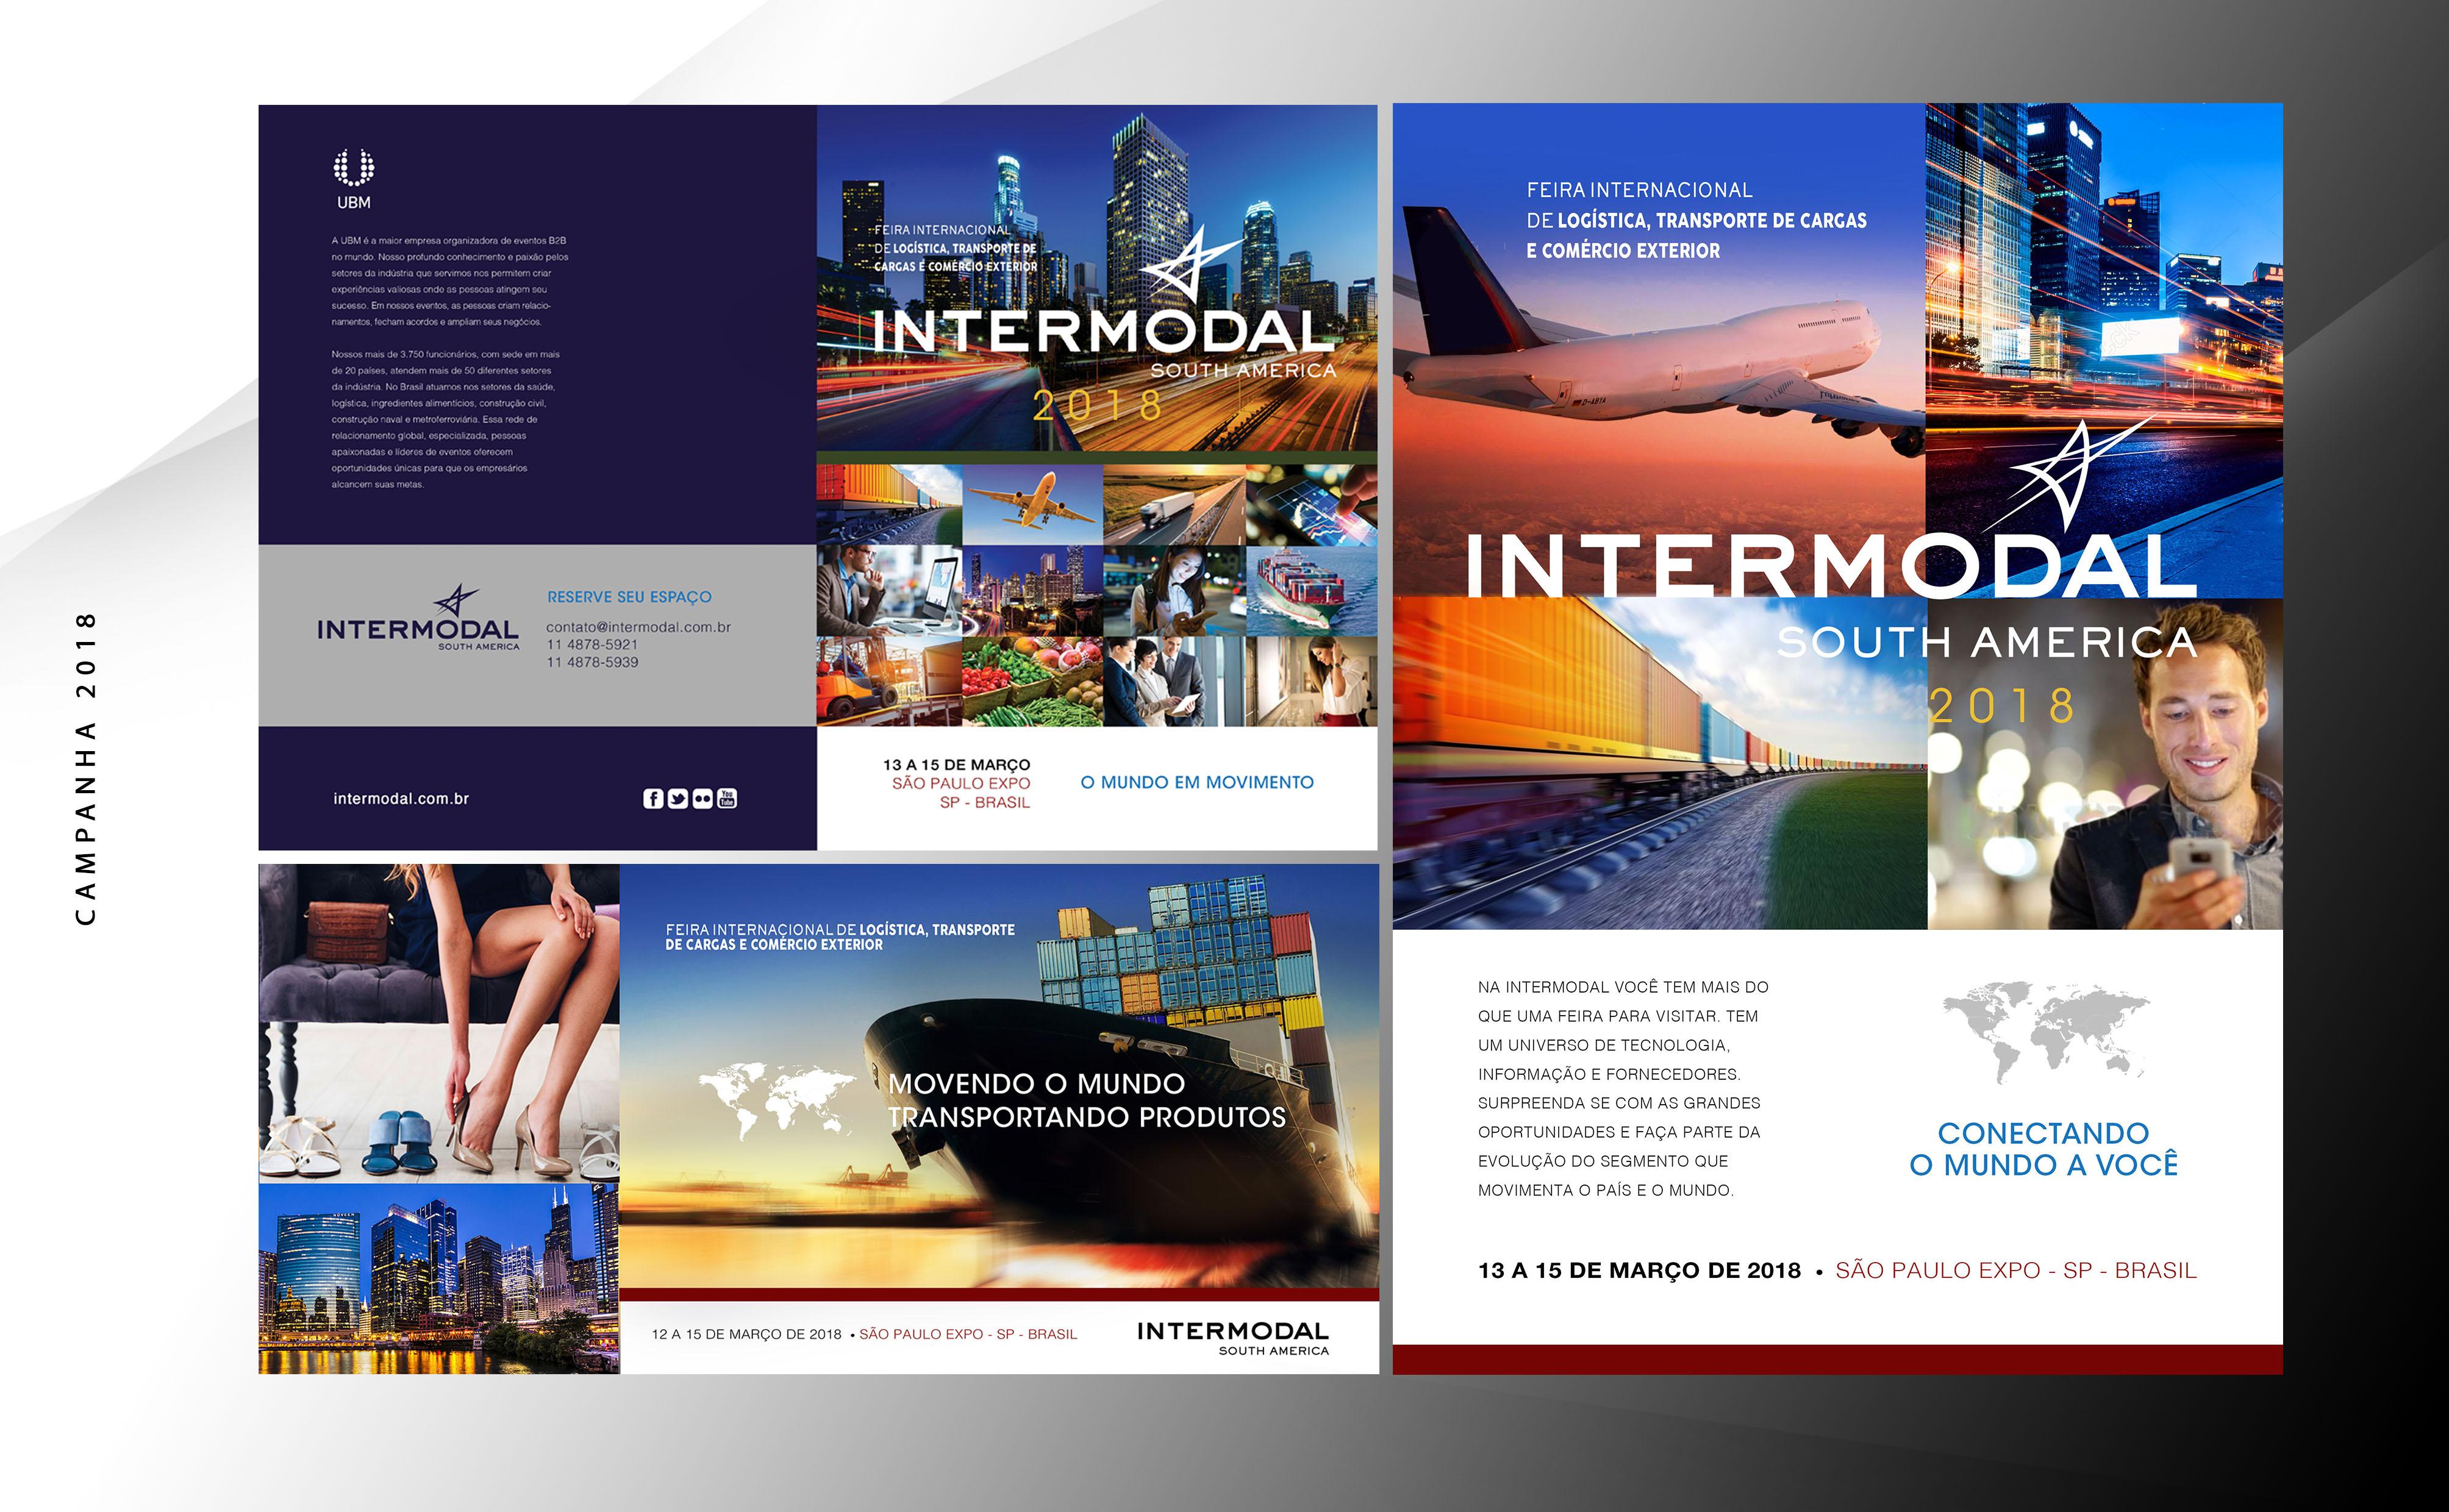 Intermodal 2